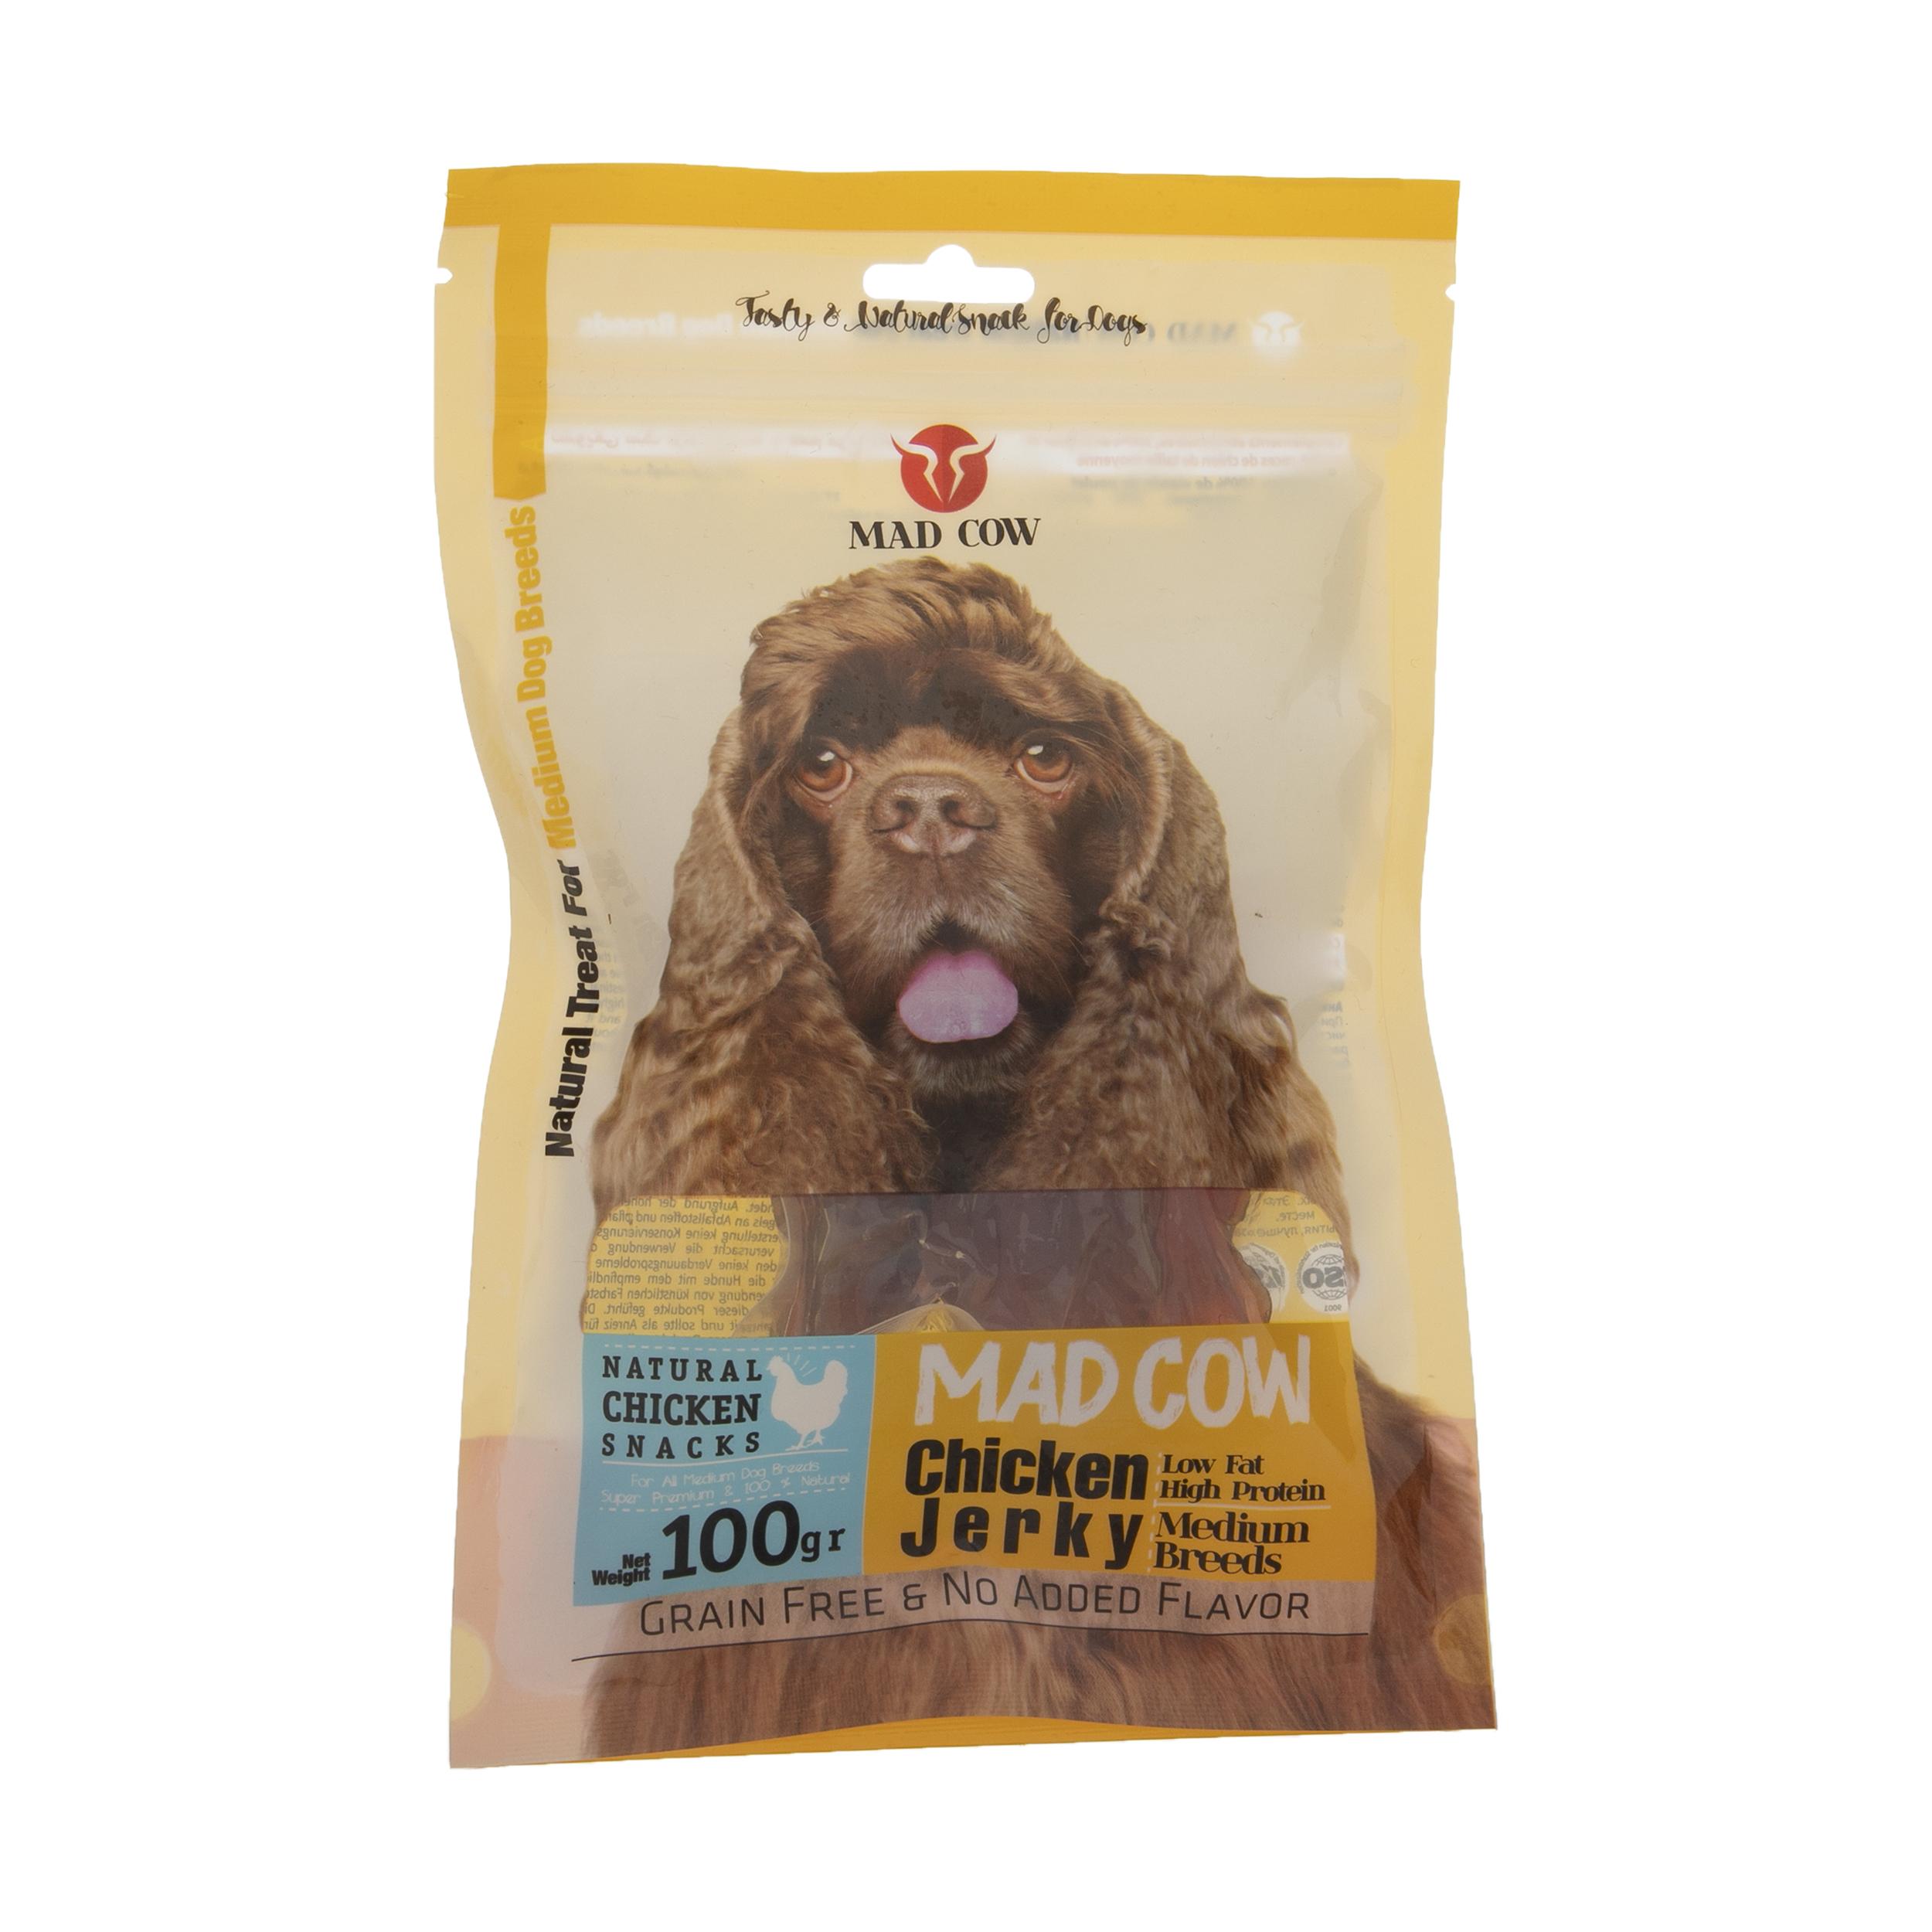 تشویقی سگ مدکاو مدل ChickenJerky کد 09 وزن 100 گرم